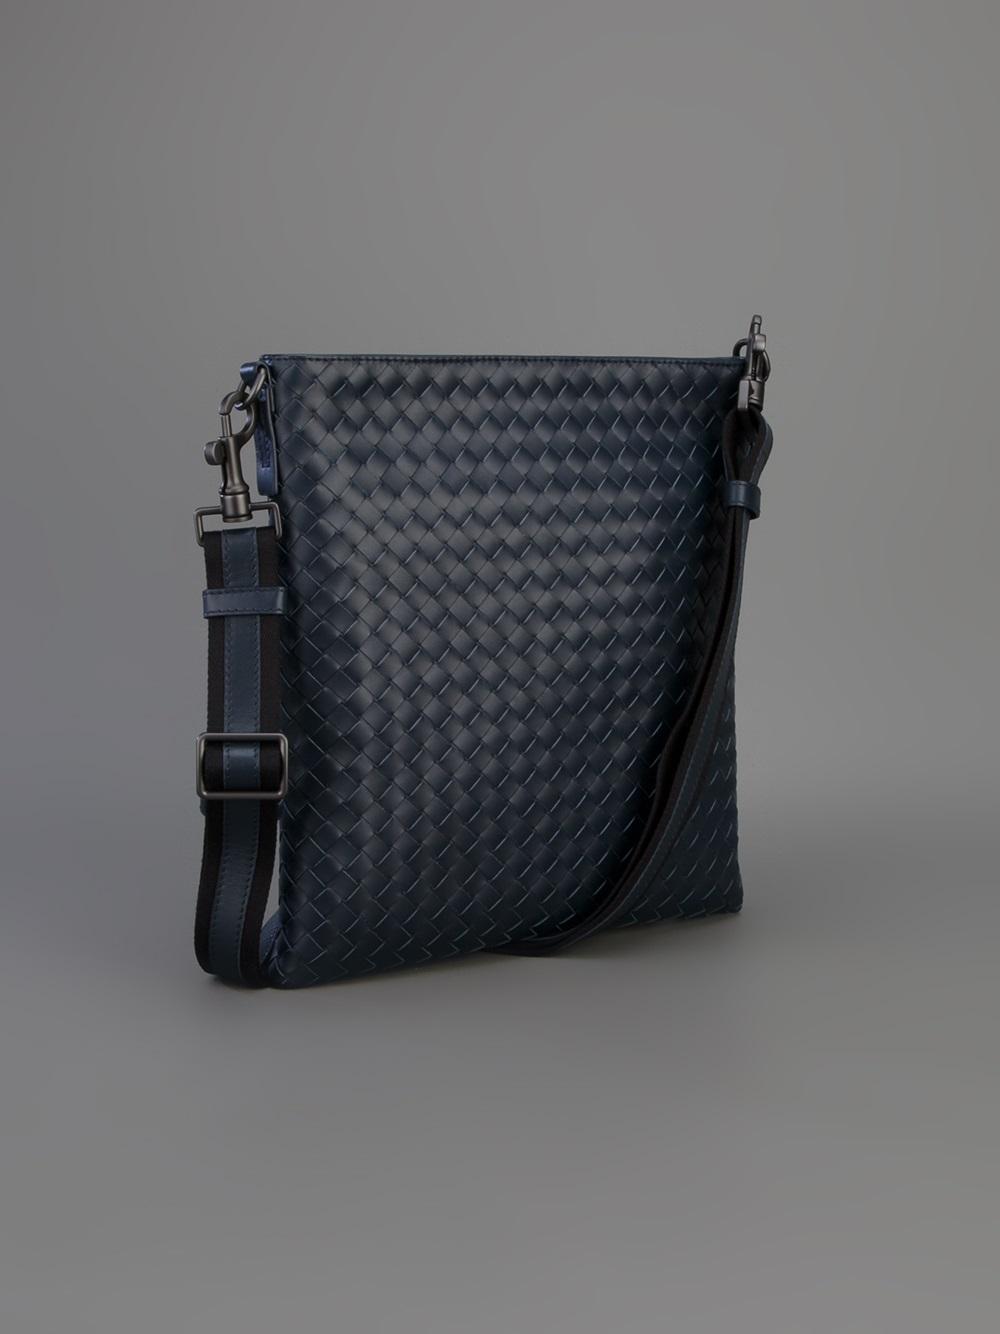 29d82601185a Bottega Veneta Woven Cross Body Bag in Black for Men - Lyst